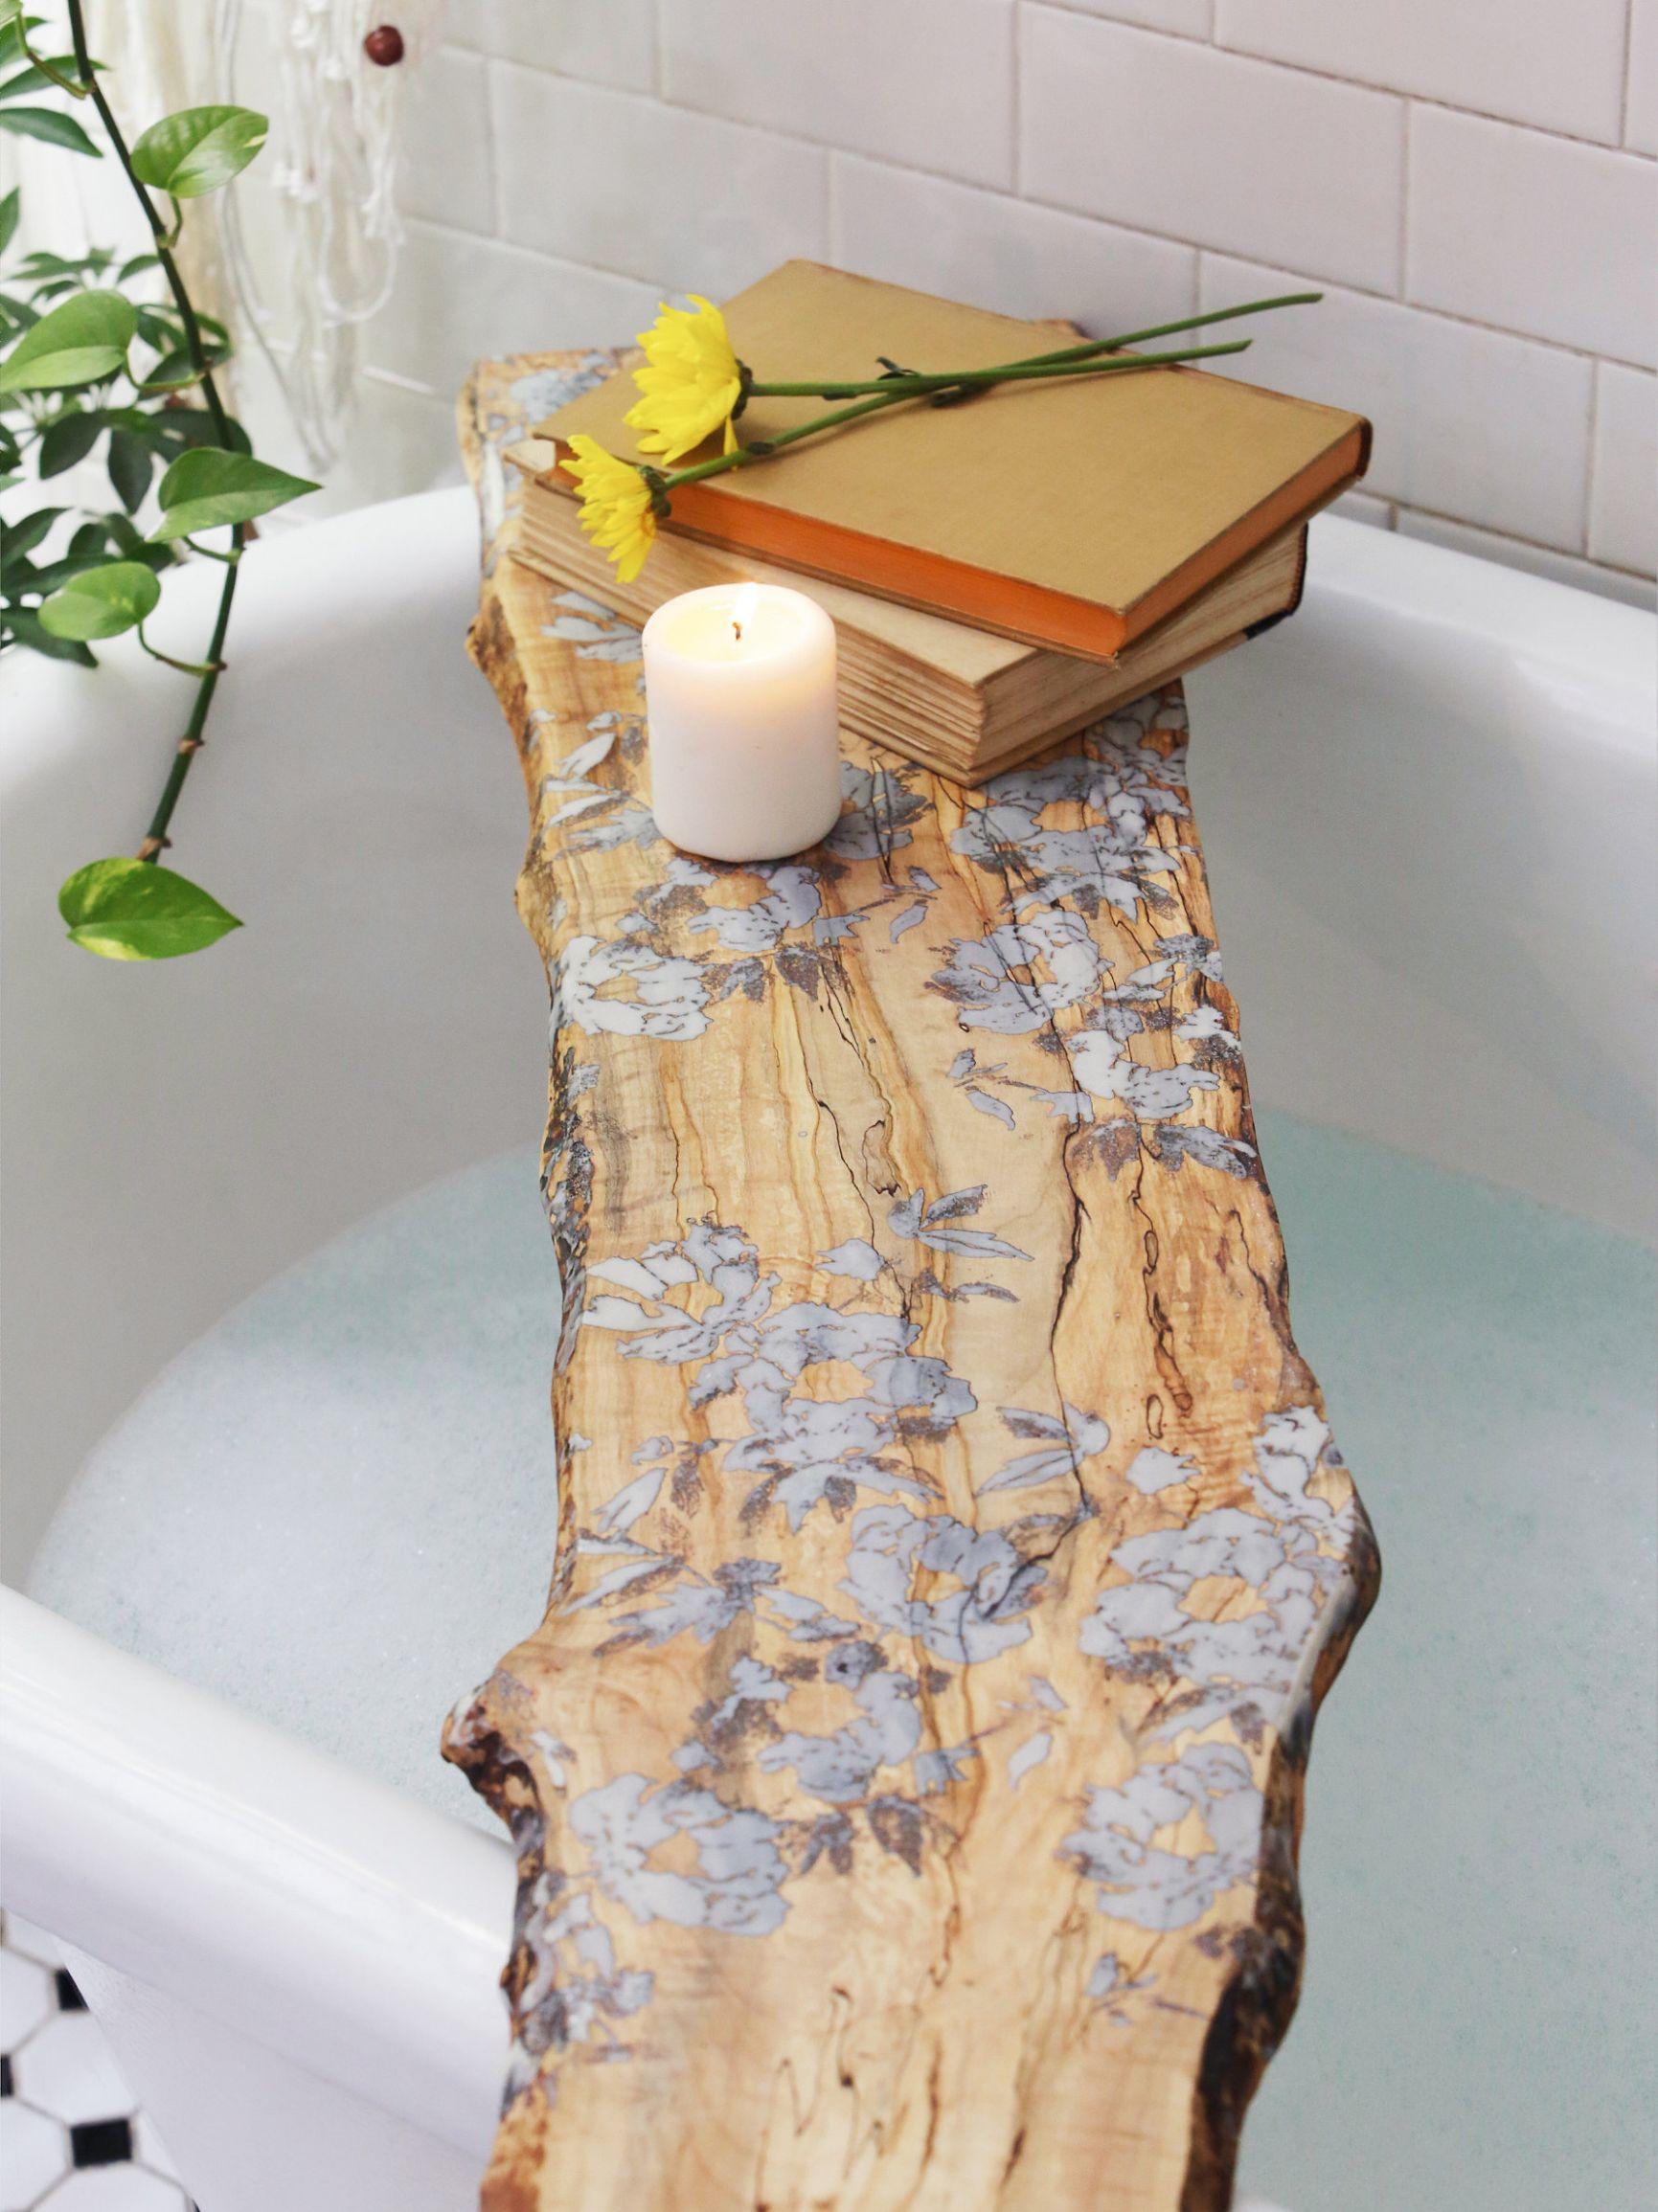 Planche pour baignoire free people pickture - Planche pour baignoire ...